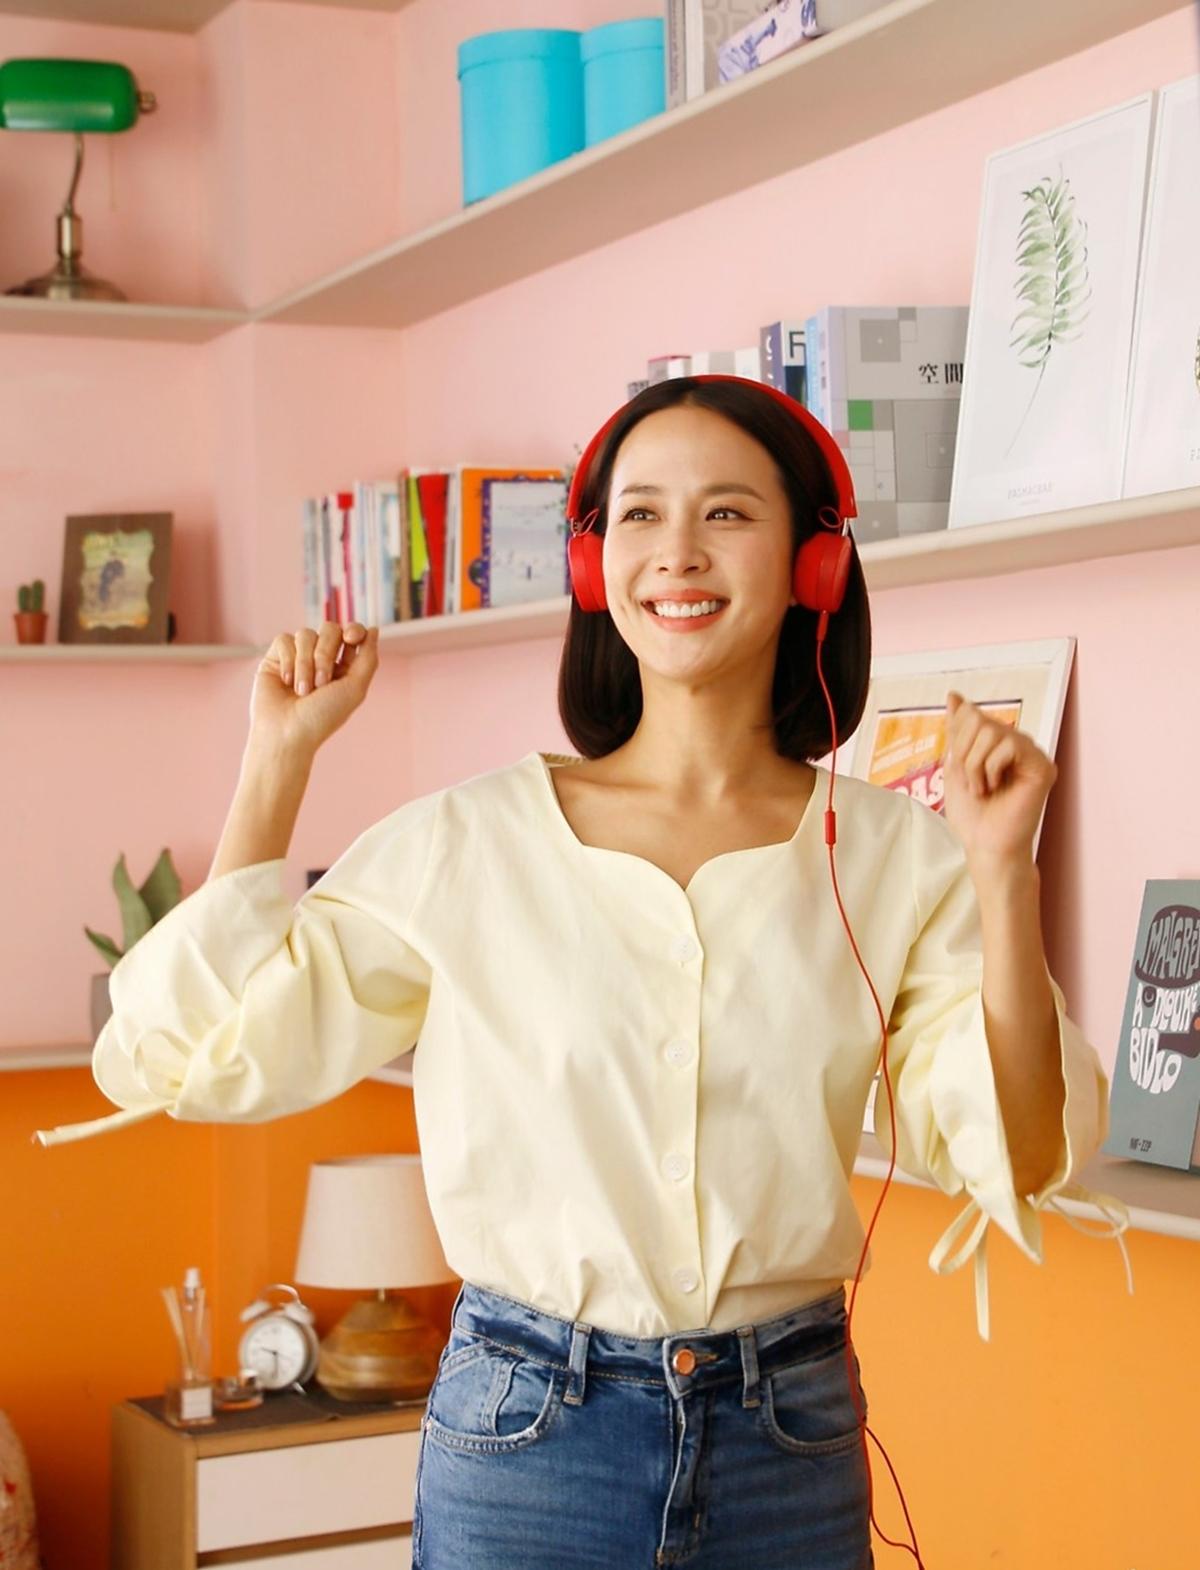 'Nữ hoàng cảnh nóng' Jo Yeo Jeong đẹp bất chấp thời gian, khoe 3 vòng 'bốc lửa' ở tuổi tứ tuần - Ảnh 4